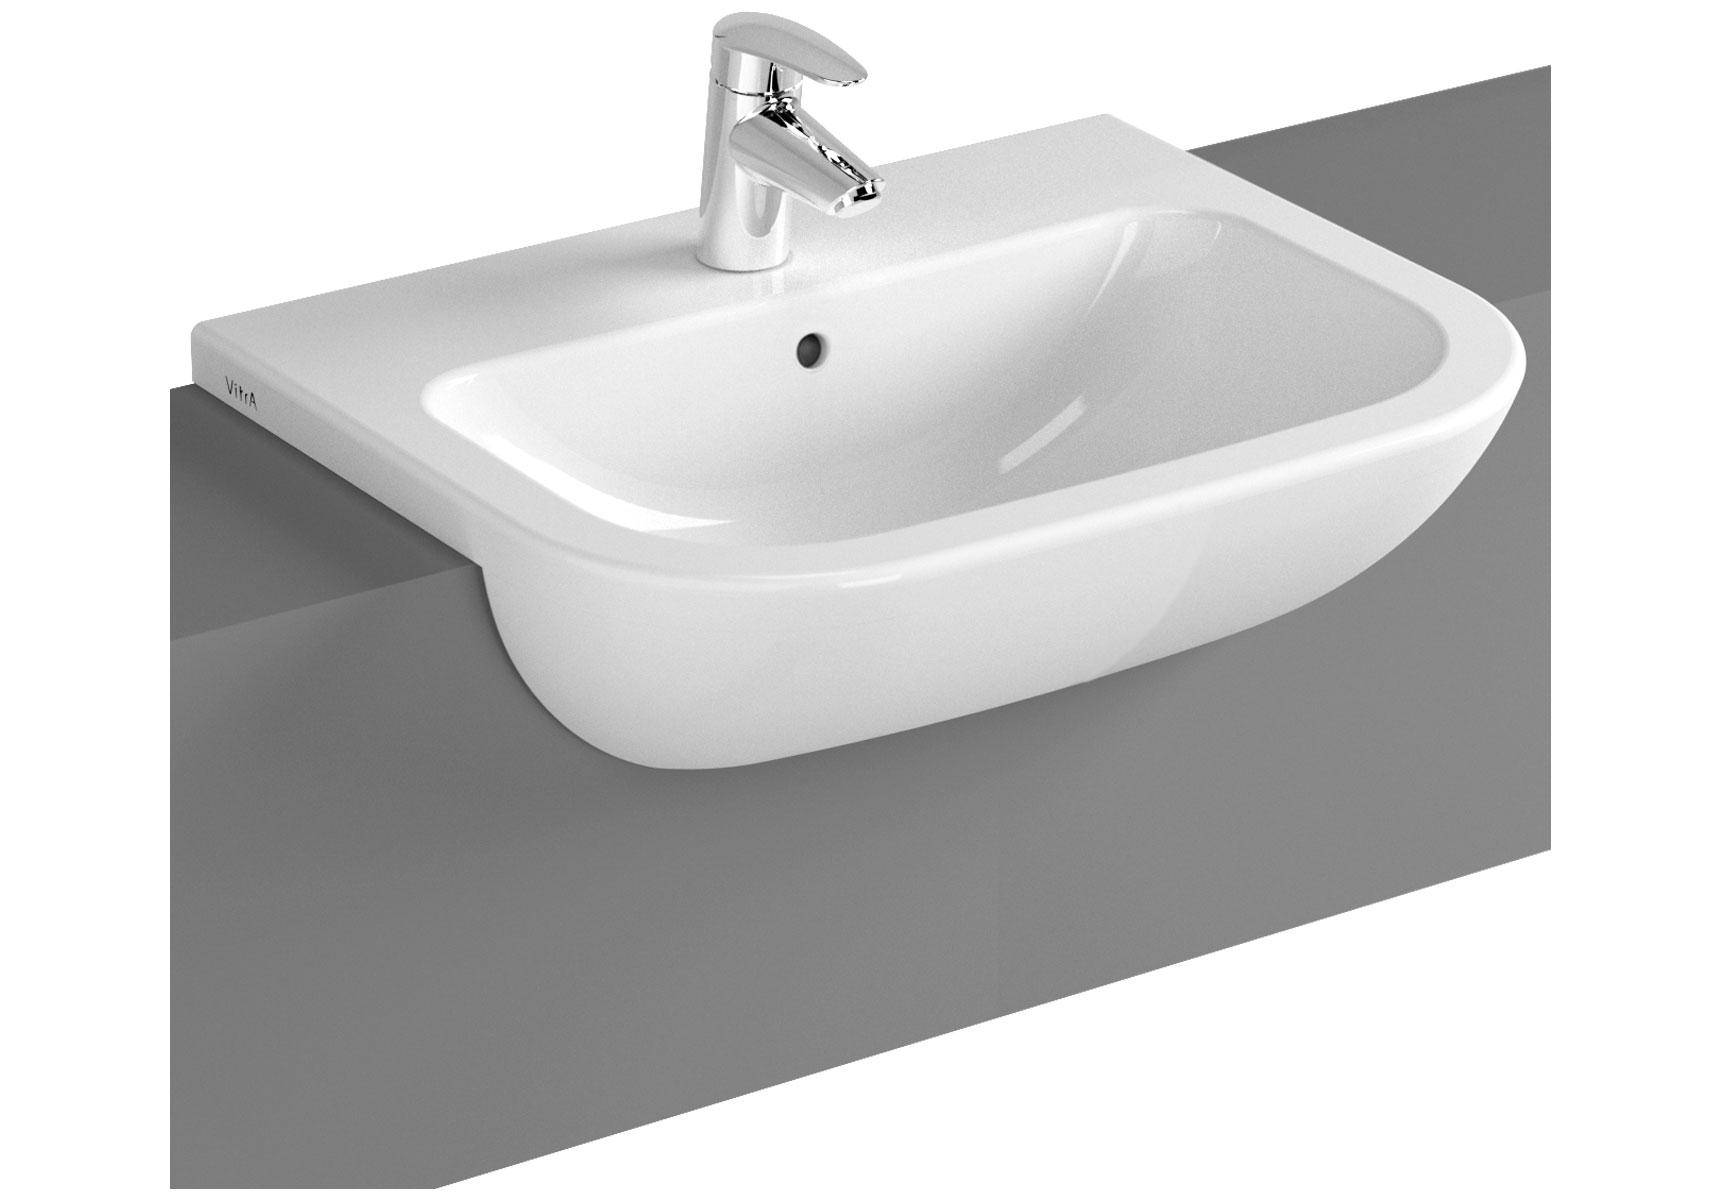 S20 Recessed Basin, 55cm